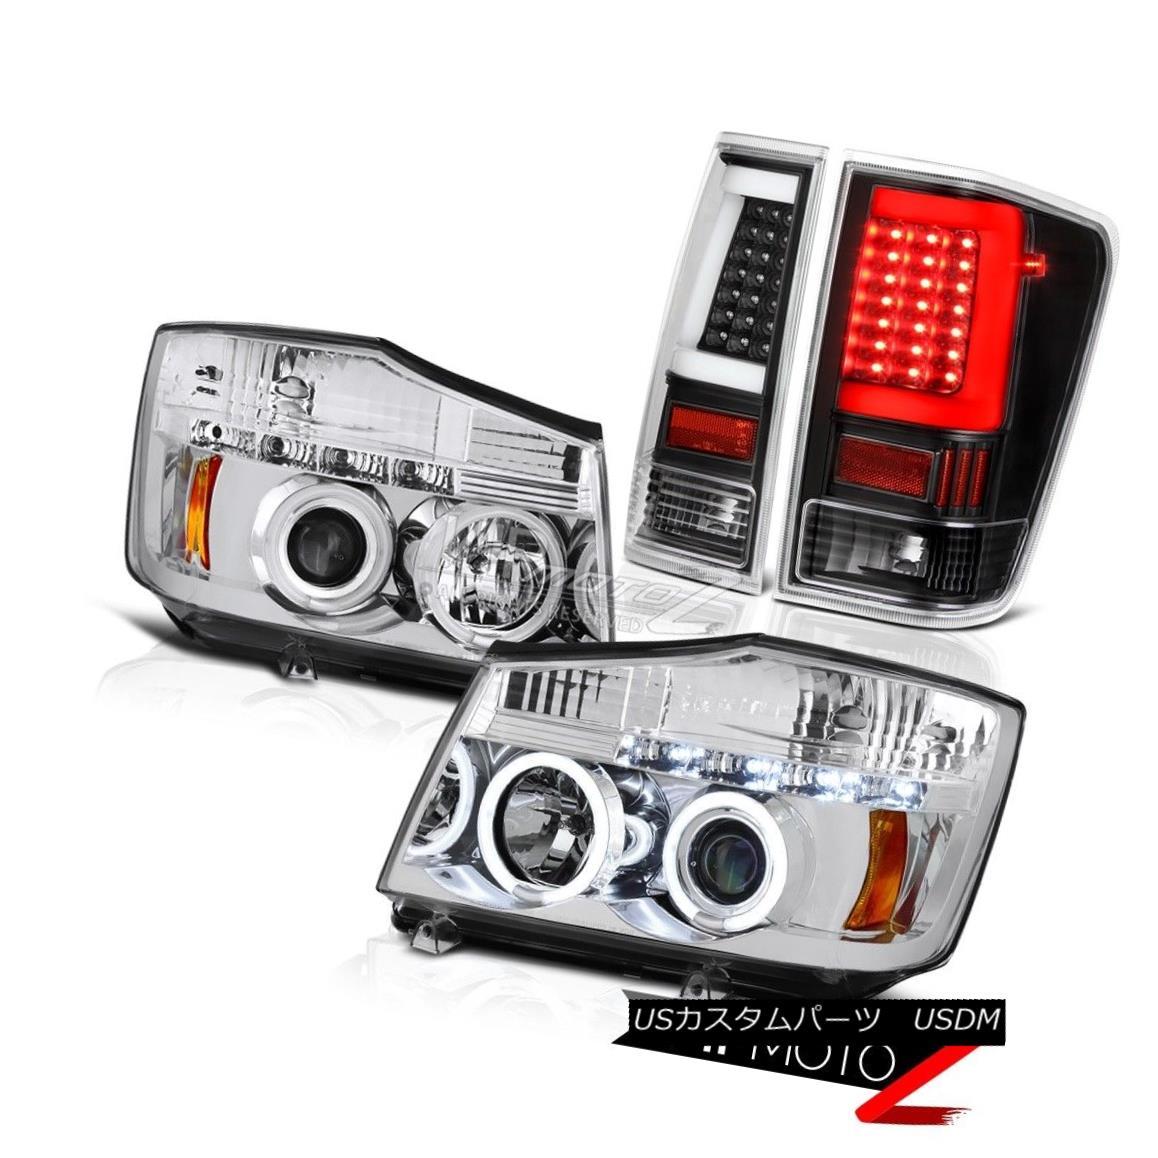 ヘッドライト 04 05 06-14 For Nissan Titan Neon Tube Tail Crystal Clear Custom Head Lights Set 04 05 06-14日産タイタンネオンチューブテールクリスタルクリアカスタムヘッドライトセット